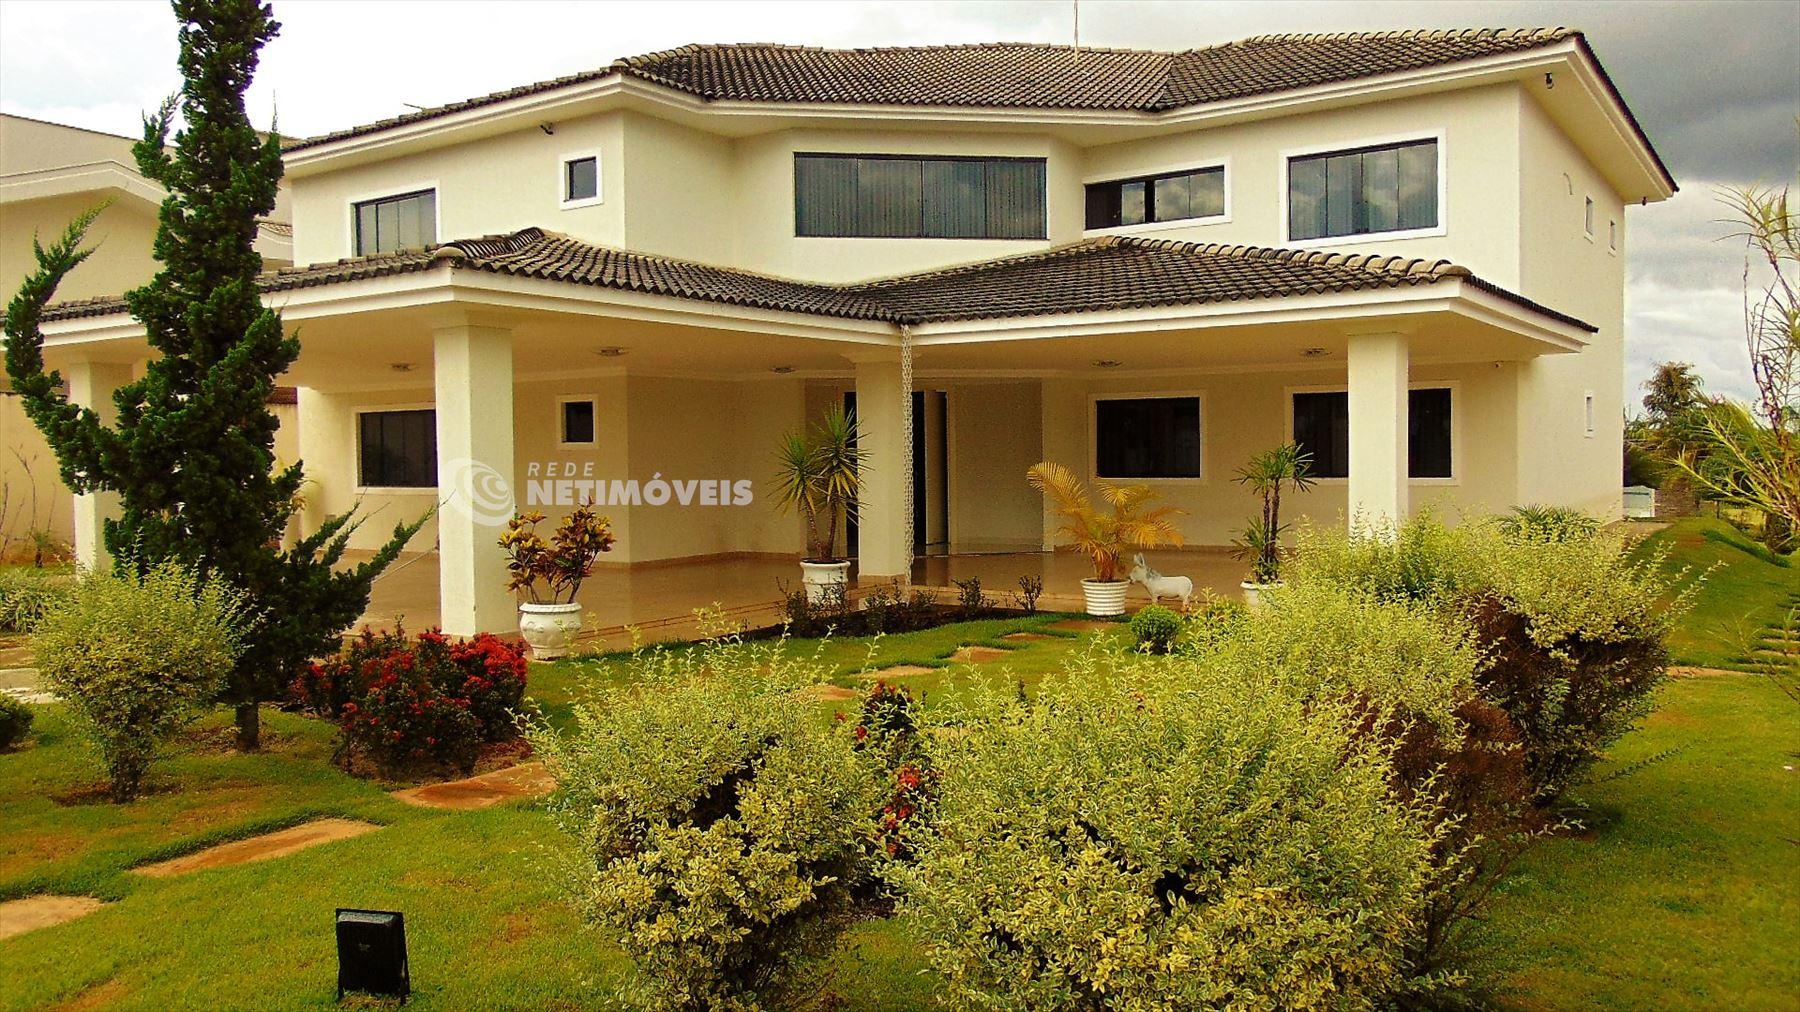 casa em condomínio,casa,distrito federal,park way,brasília,smpw 26,